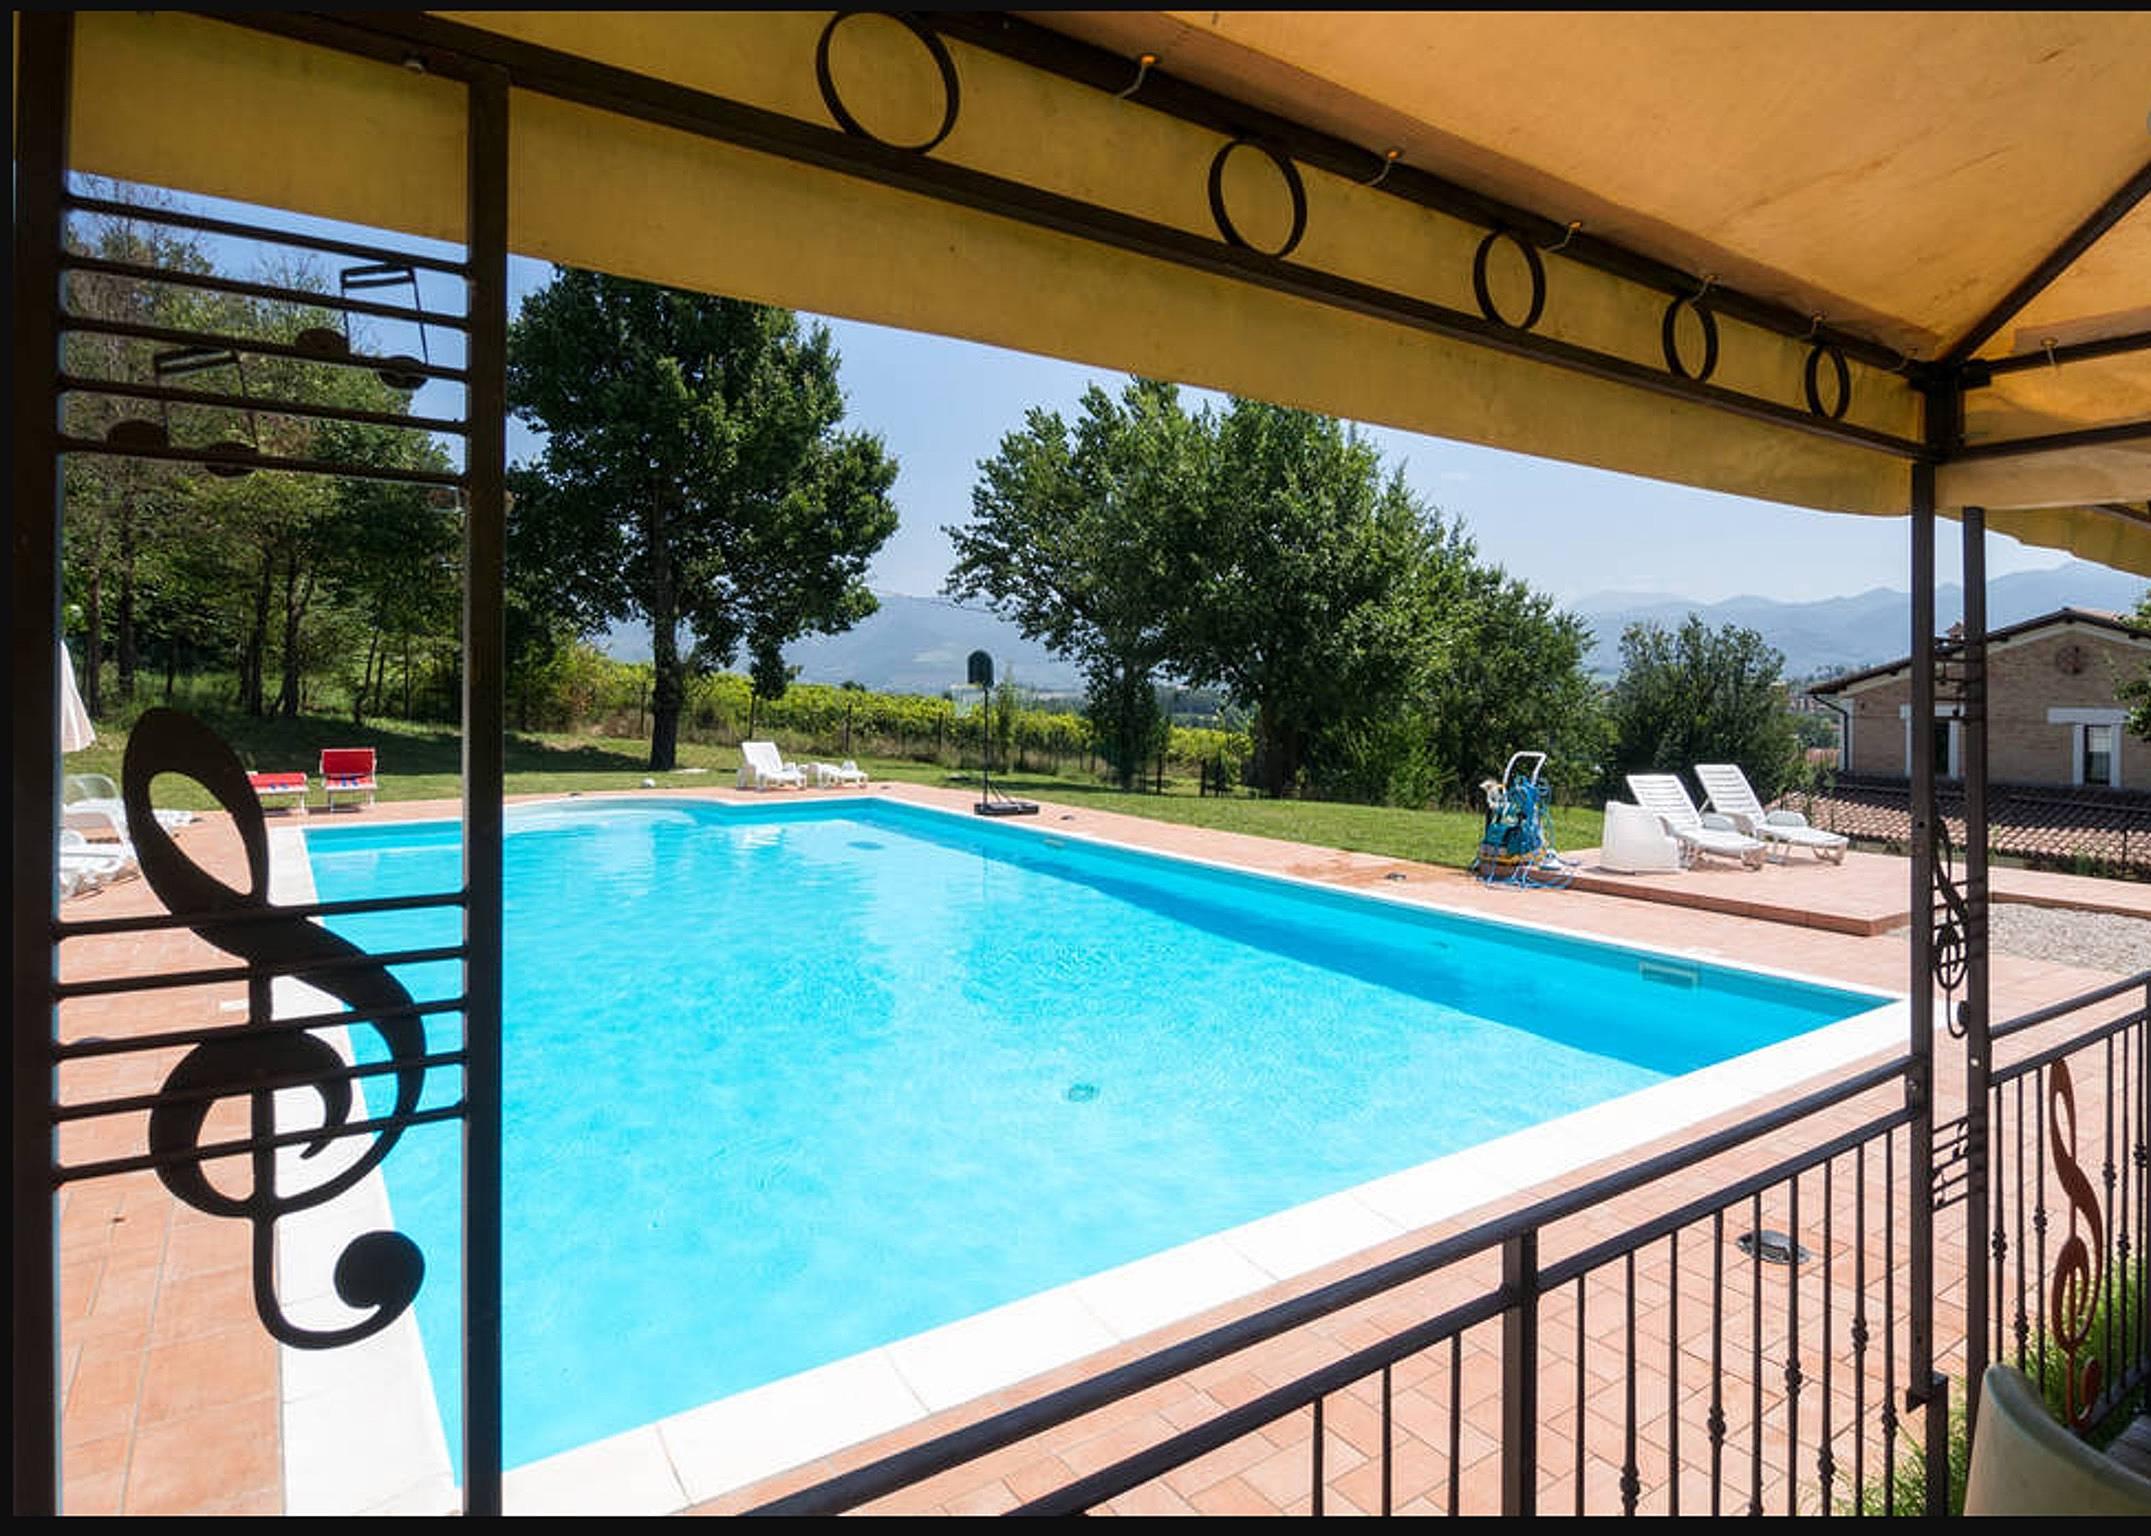 Bella casa con accesso piscina cascinano spoleto perugia for Bella casa con piscina